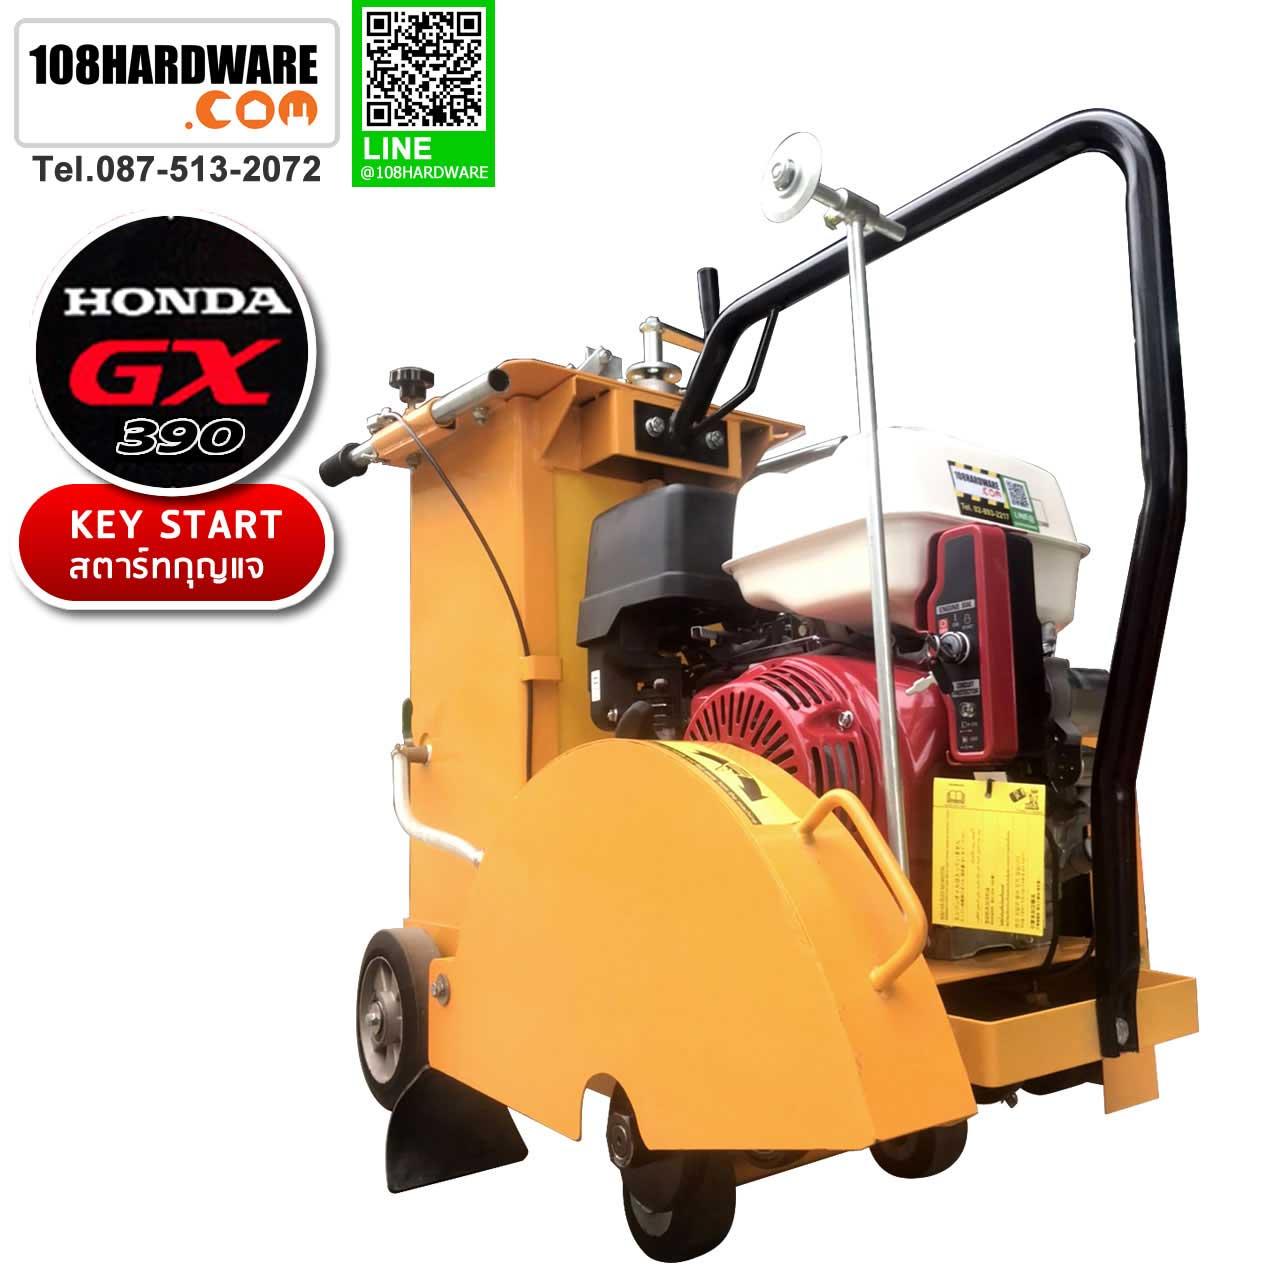 เครื่องตัดคอนกรีต Yellow สตาร์ทกุญแจ พร้อมเครื่องยนต์ HONDA GX390 ใช้ขนาดใบตัด 14